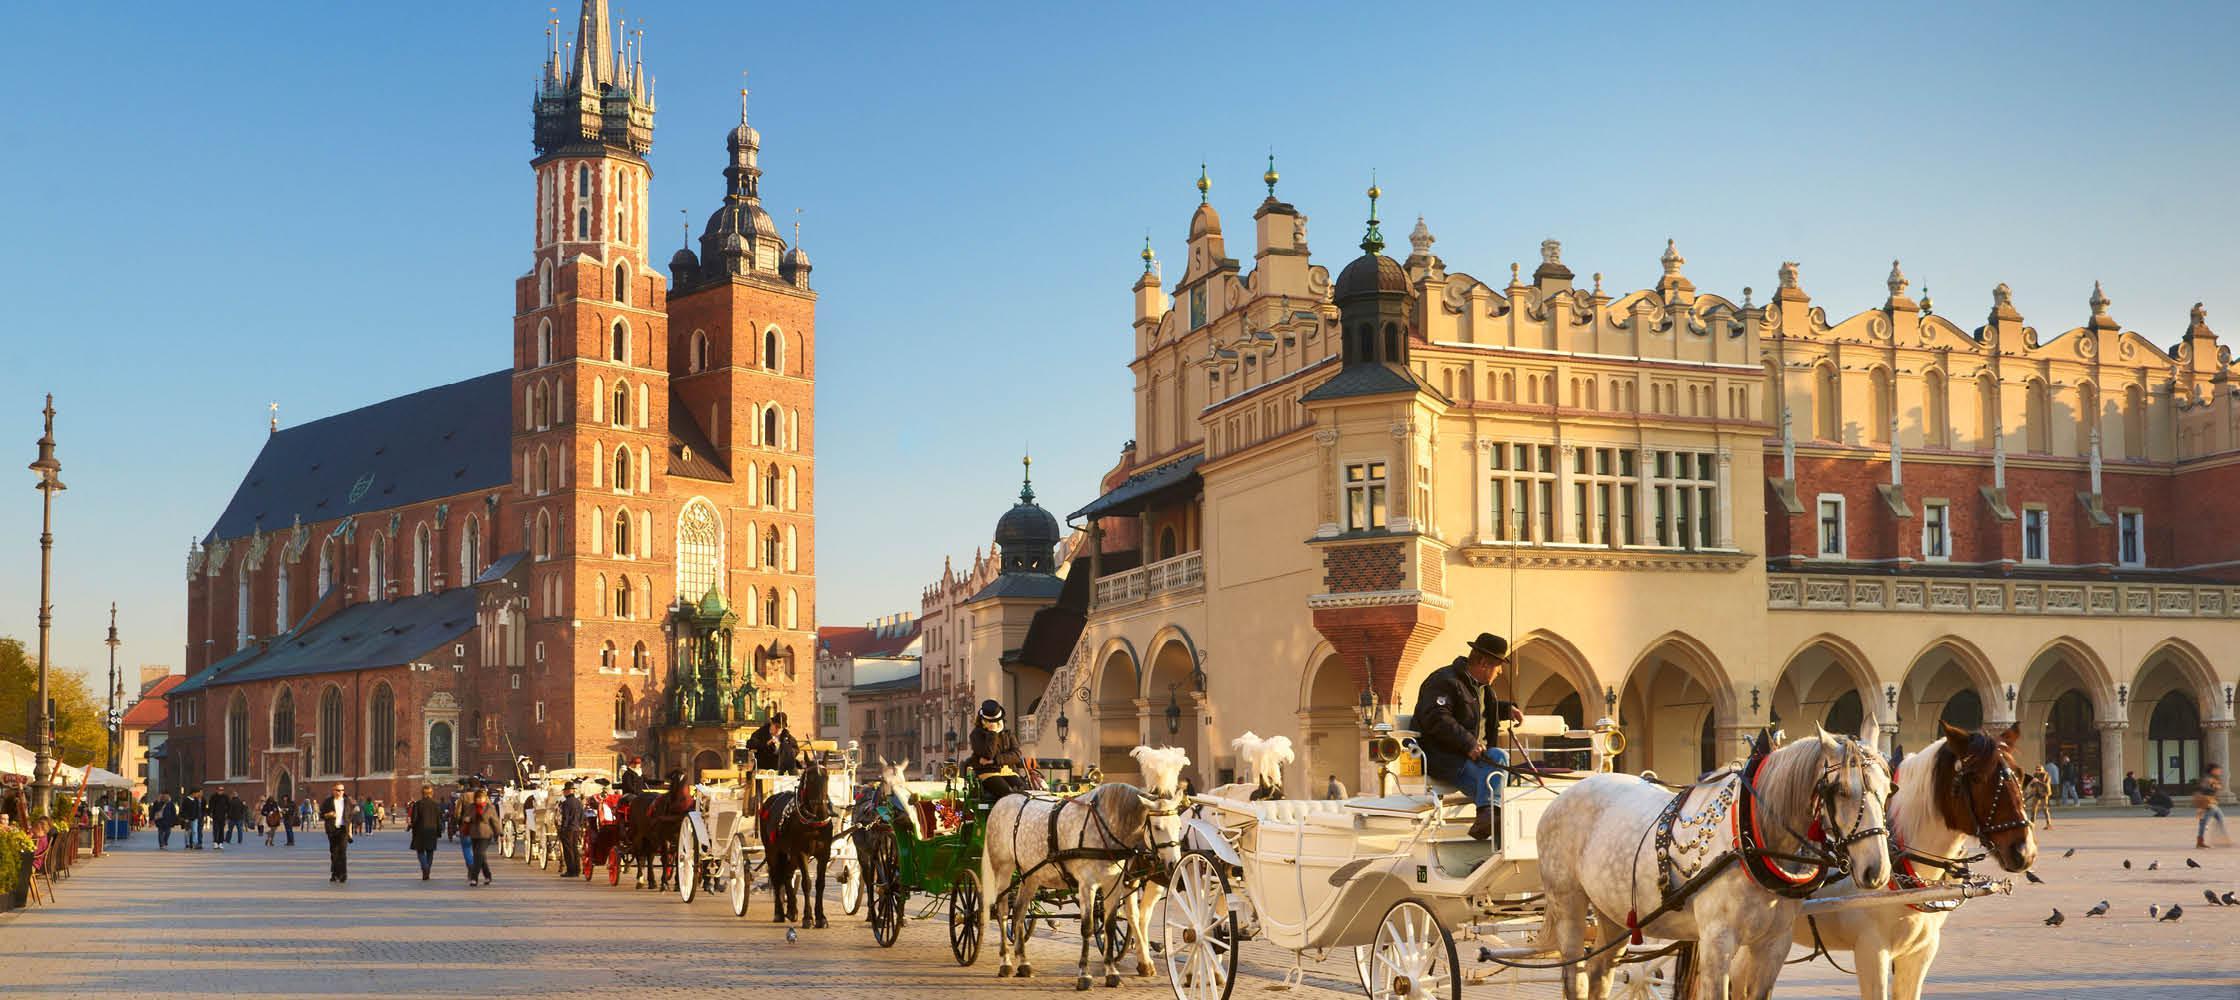 St. Mary Basilikaen og hestevogne i Krakow, Polen